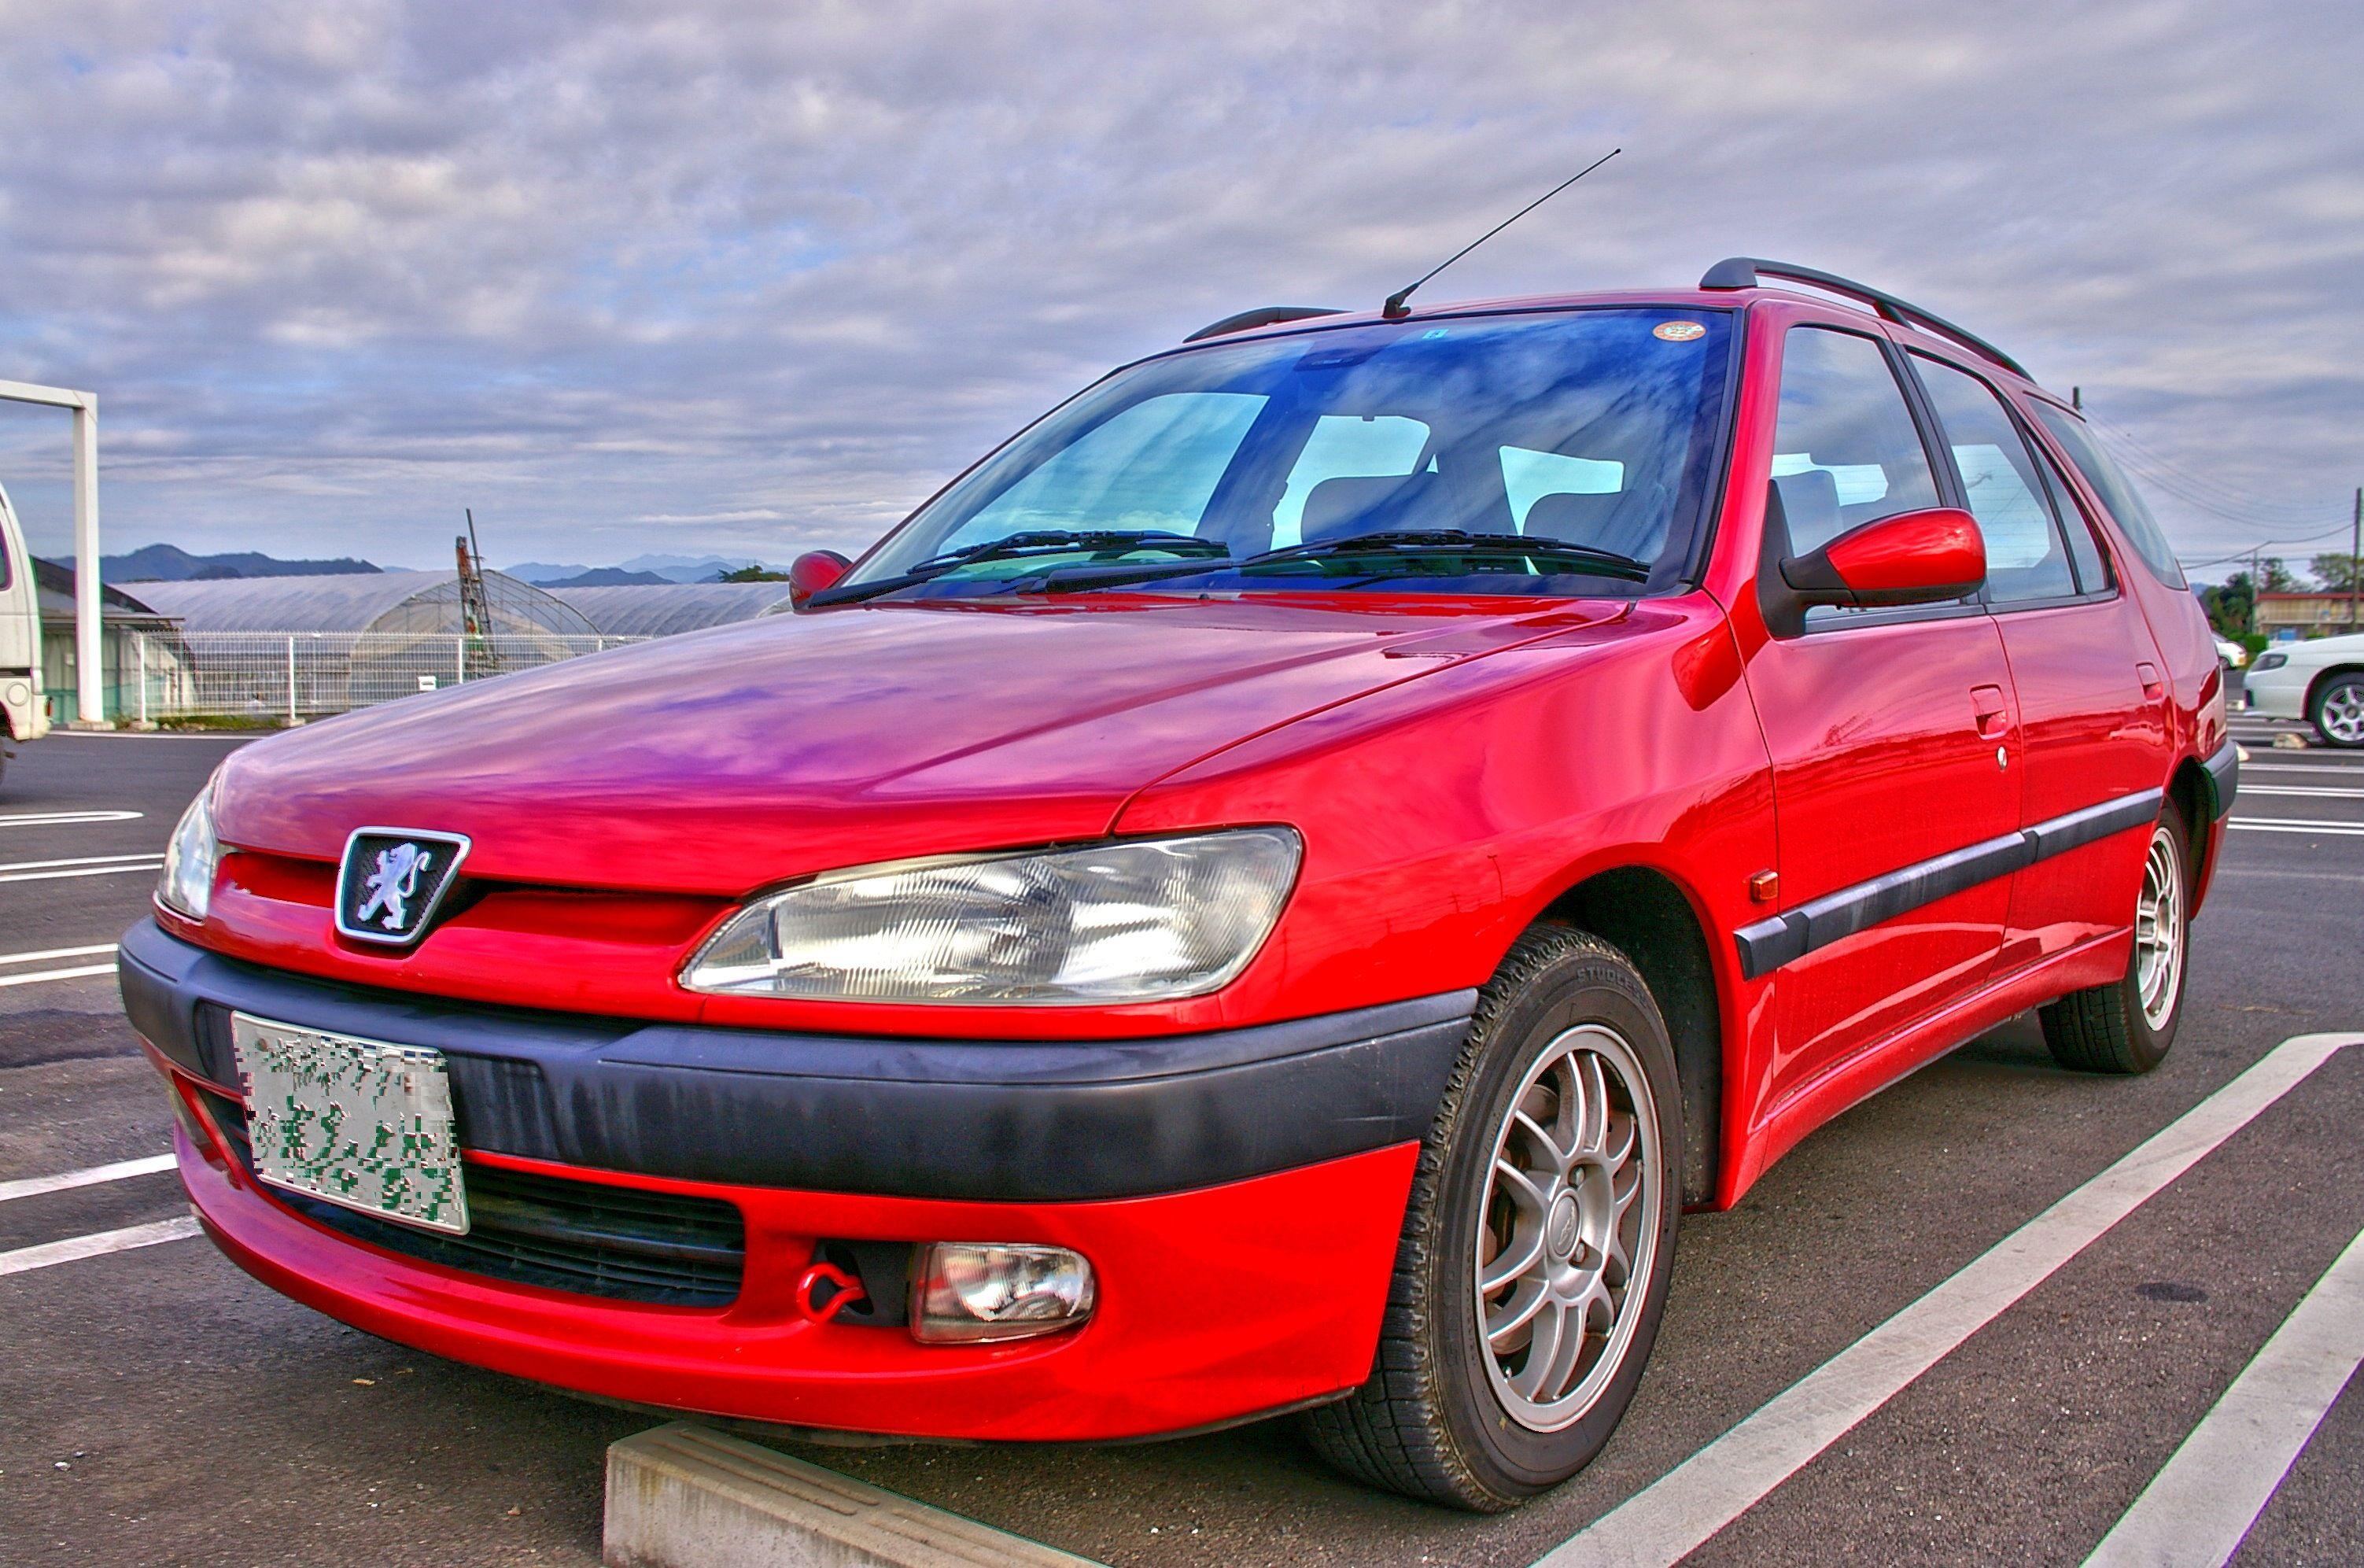 Peugeot 306 break http://nisshingeppo.files.wordpress.com/2009/10/imgp9552_3_4.jpg